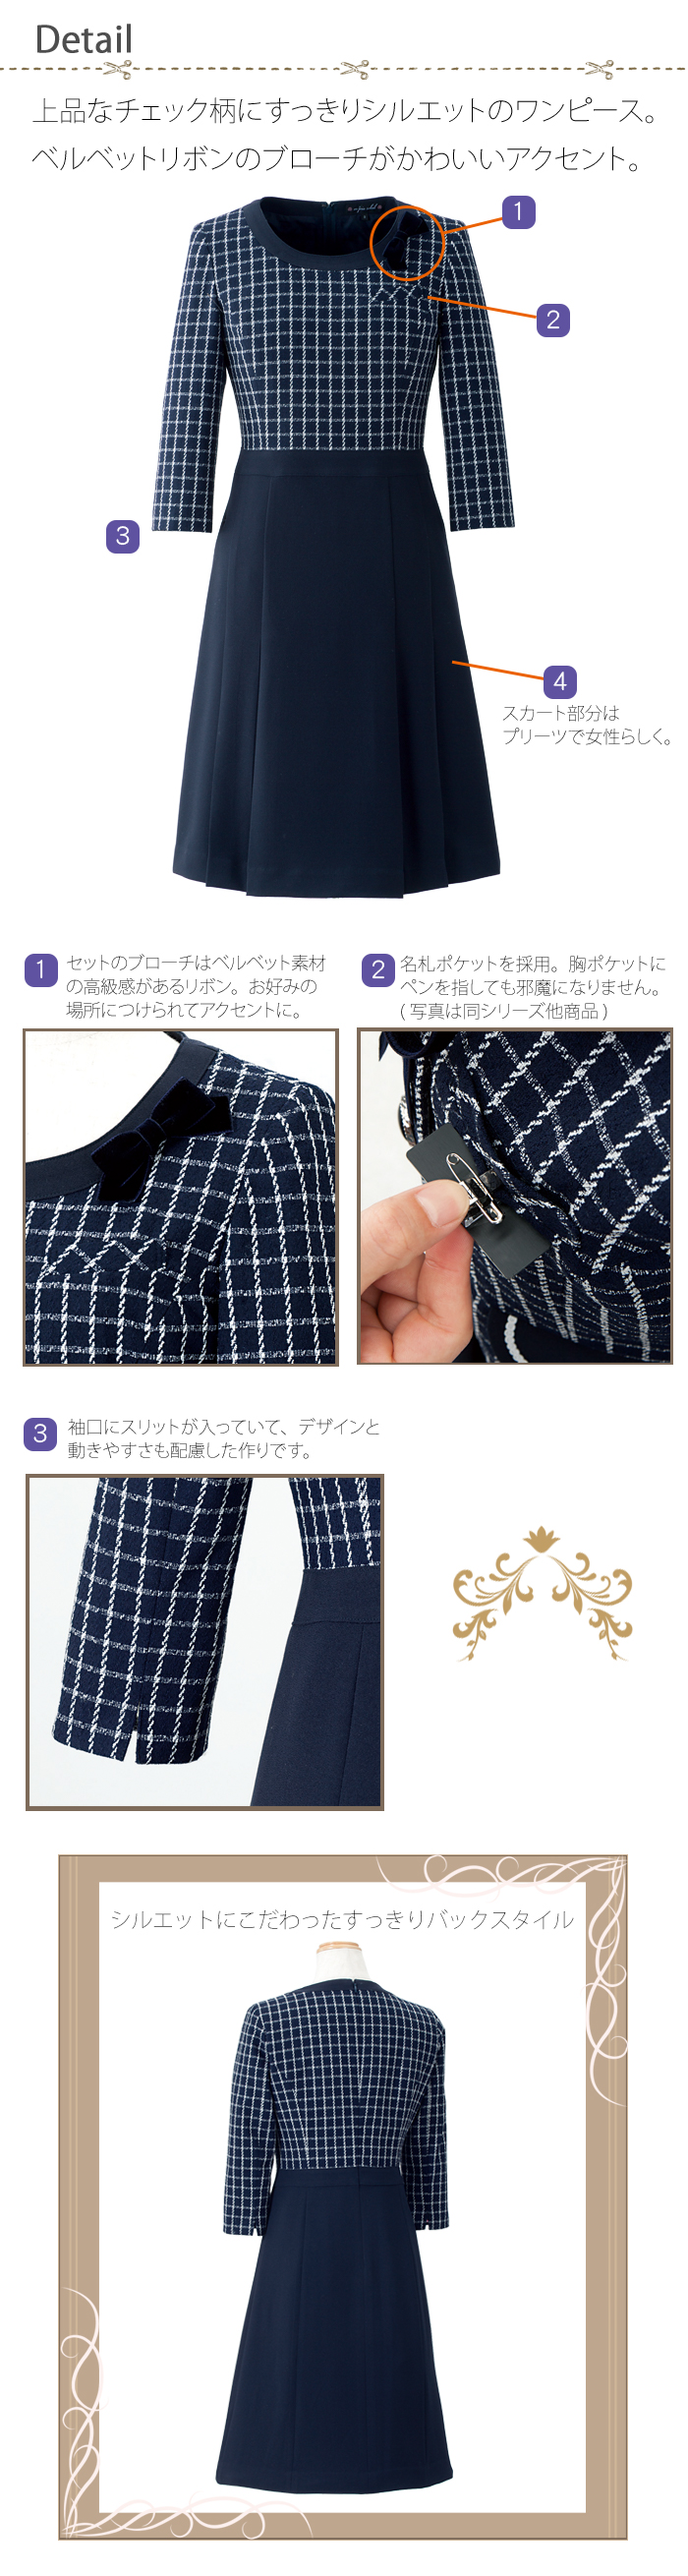 61630チェック柄の清楚な七分袖ワンピース 商品詳細説明